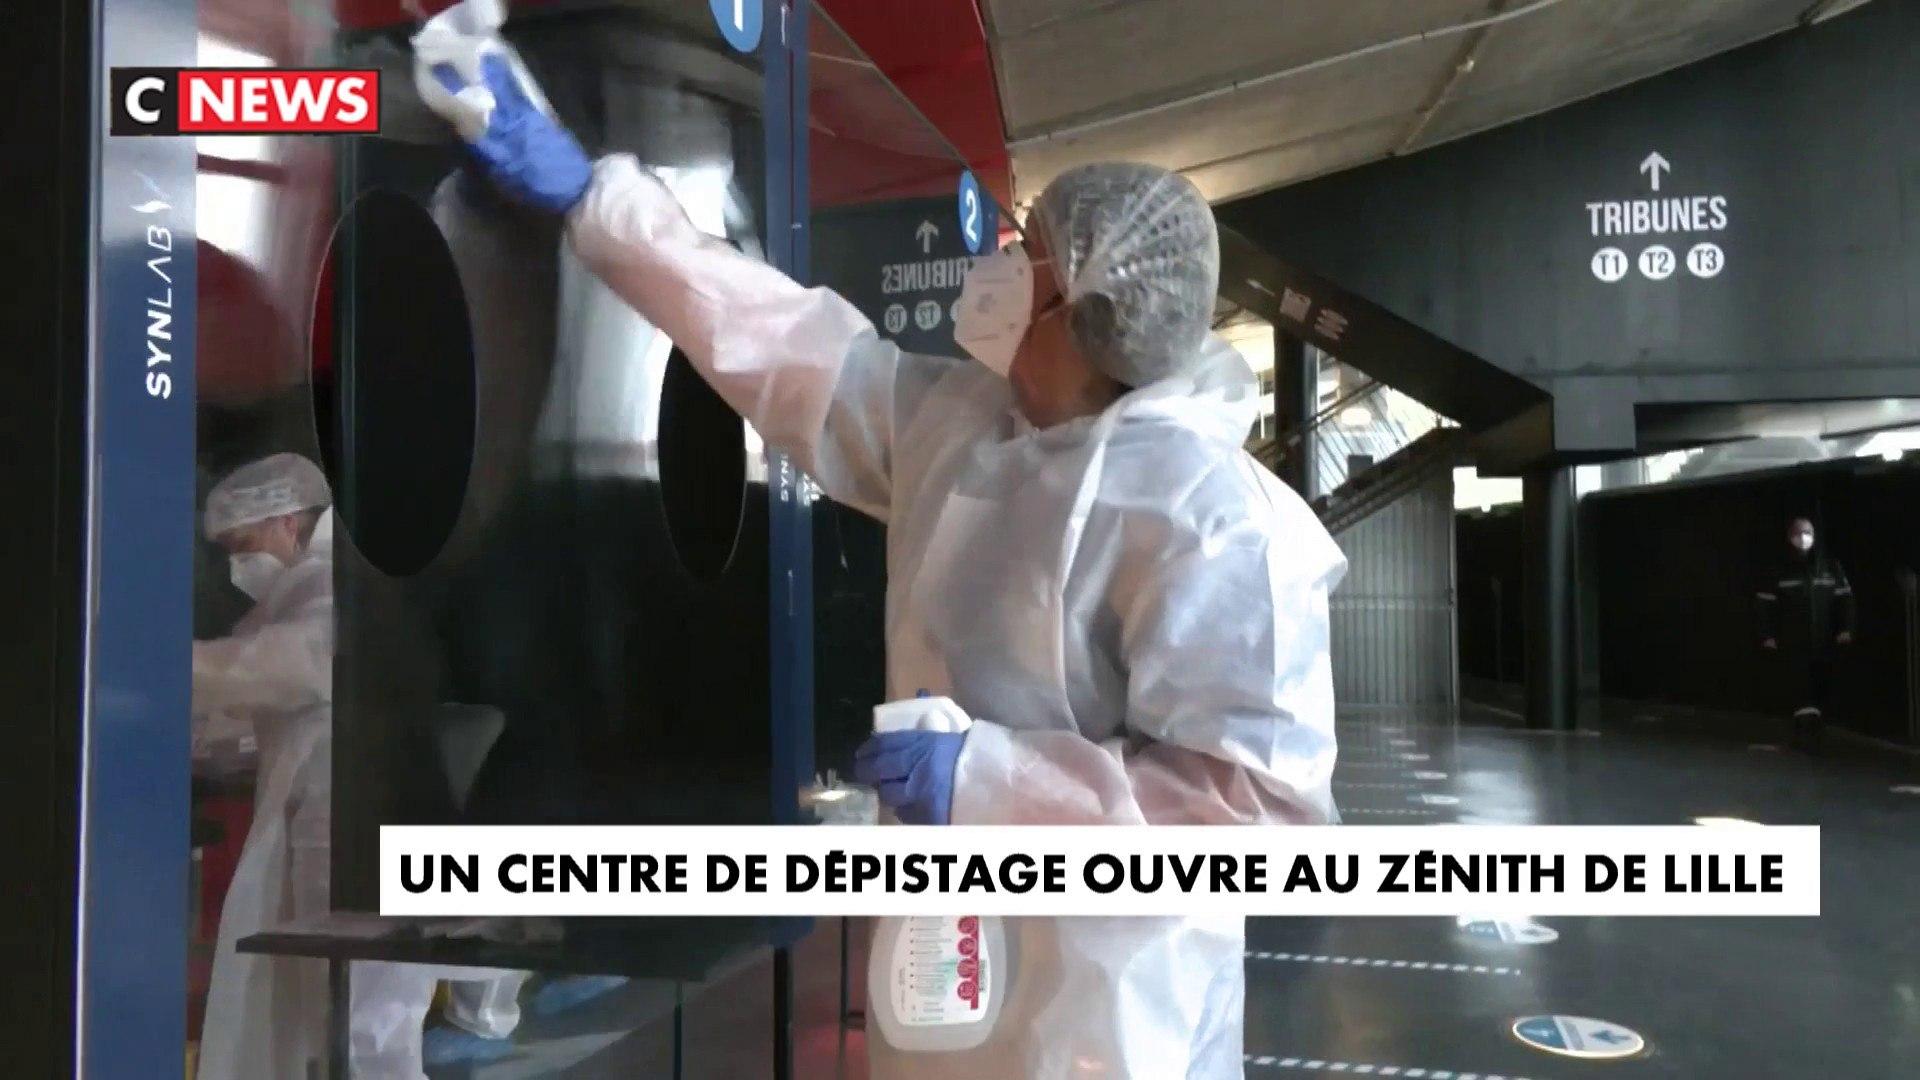 Dépistage du Covid-19 : un centre ouvre au Zénith de Lille